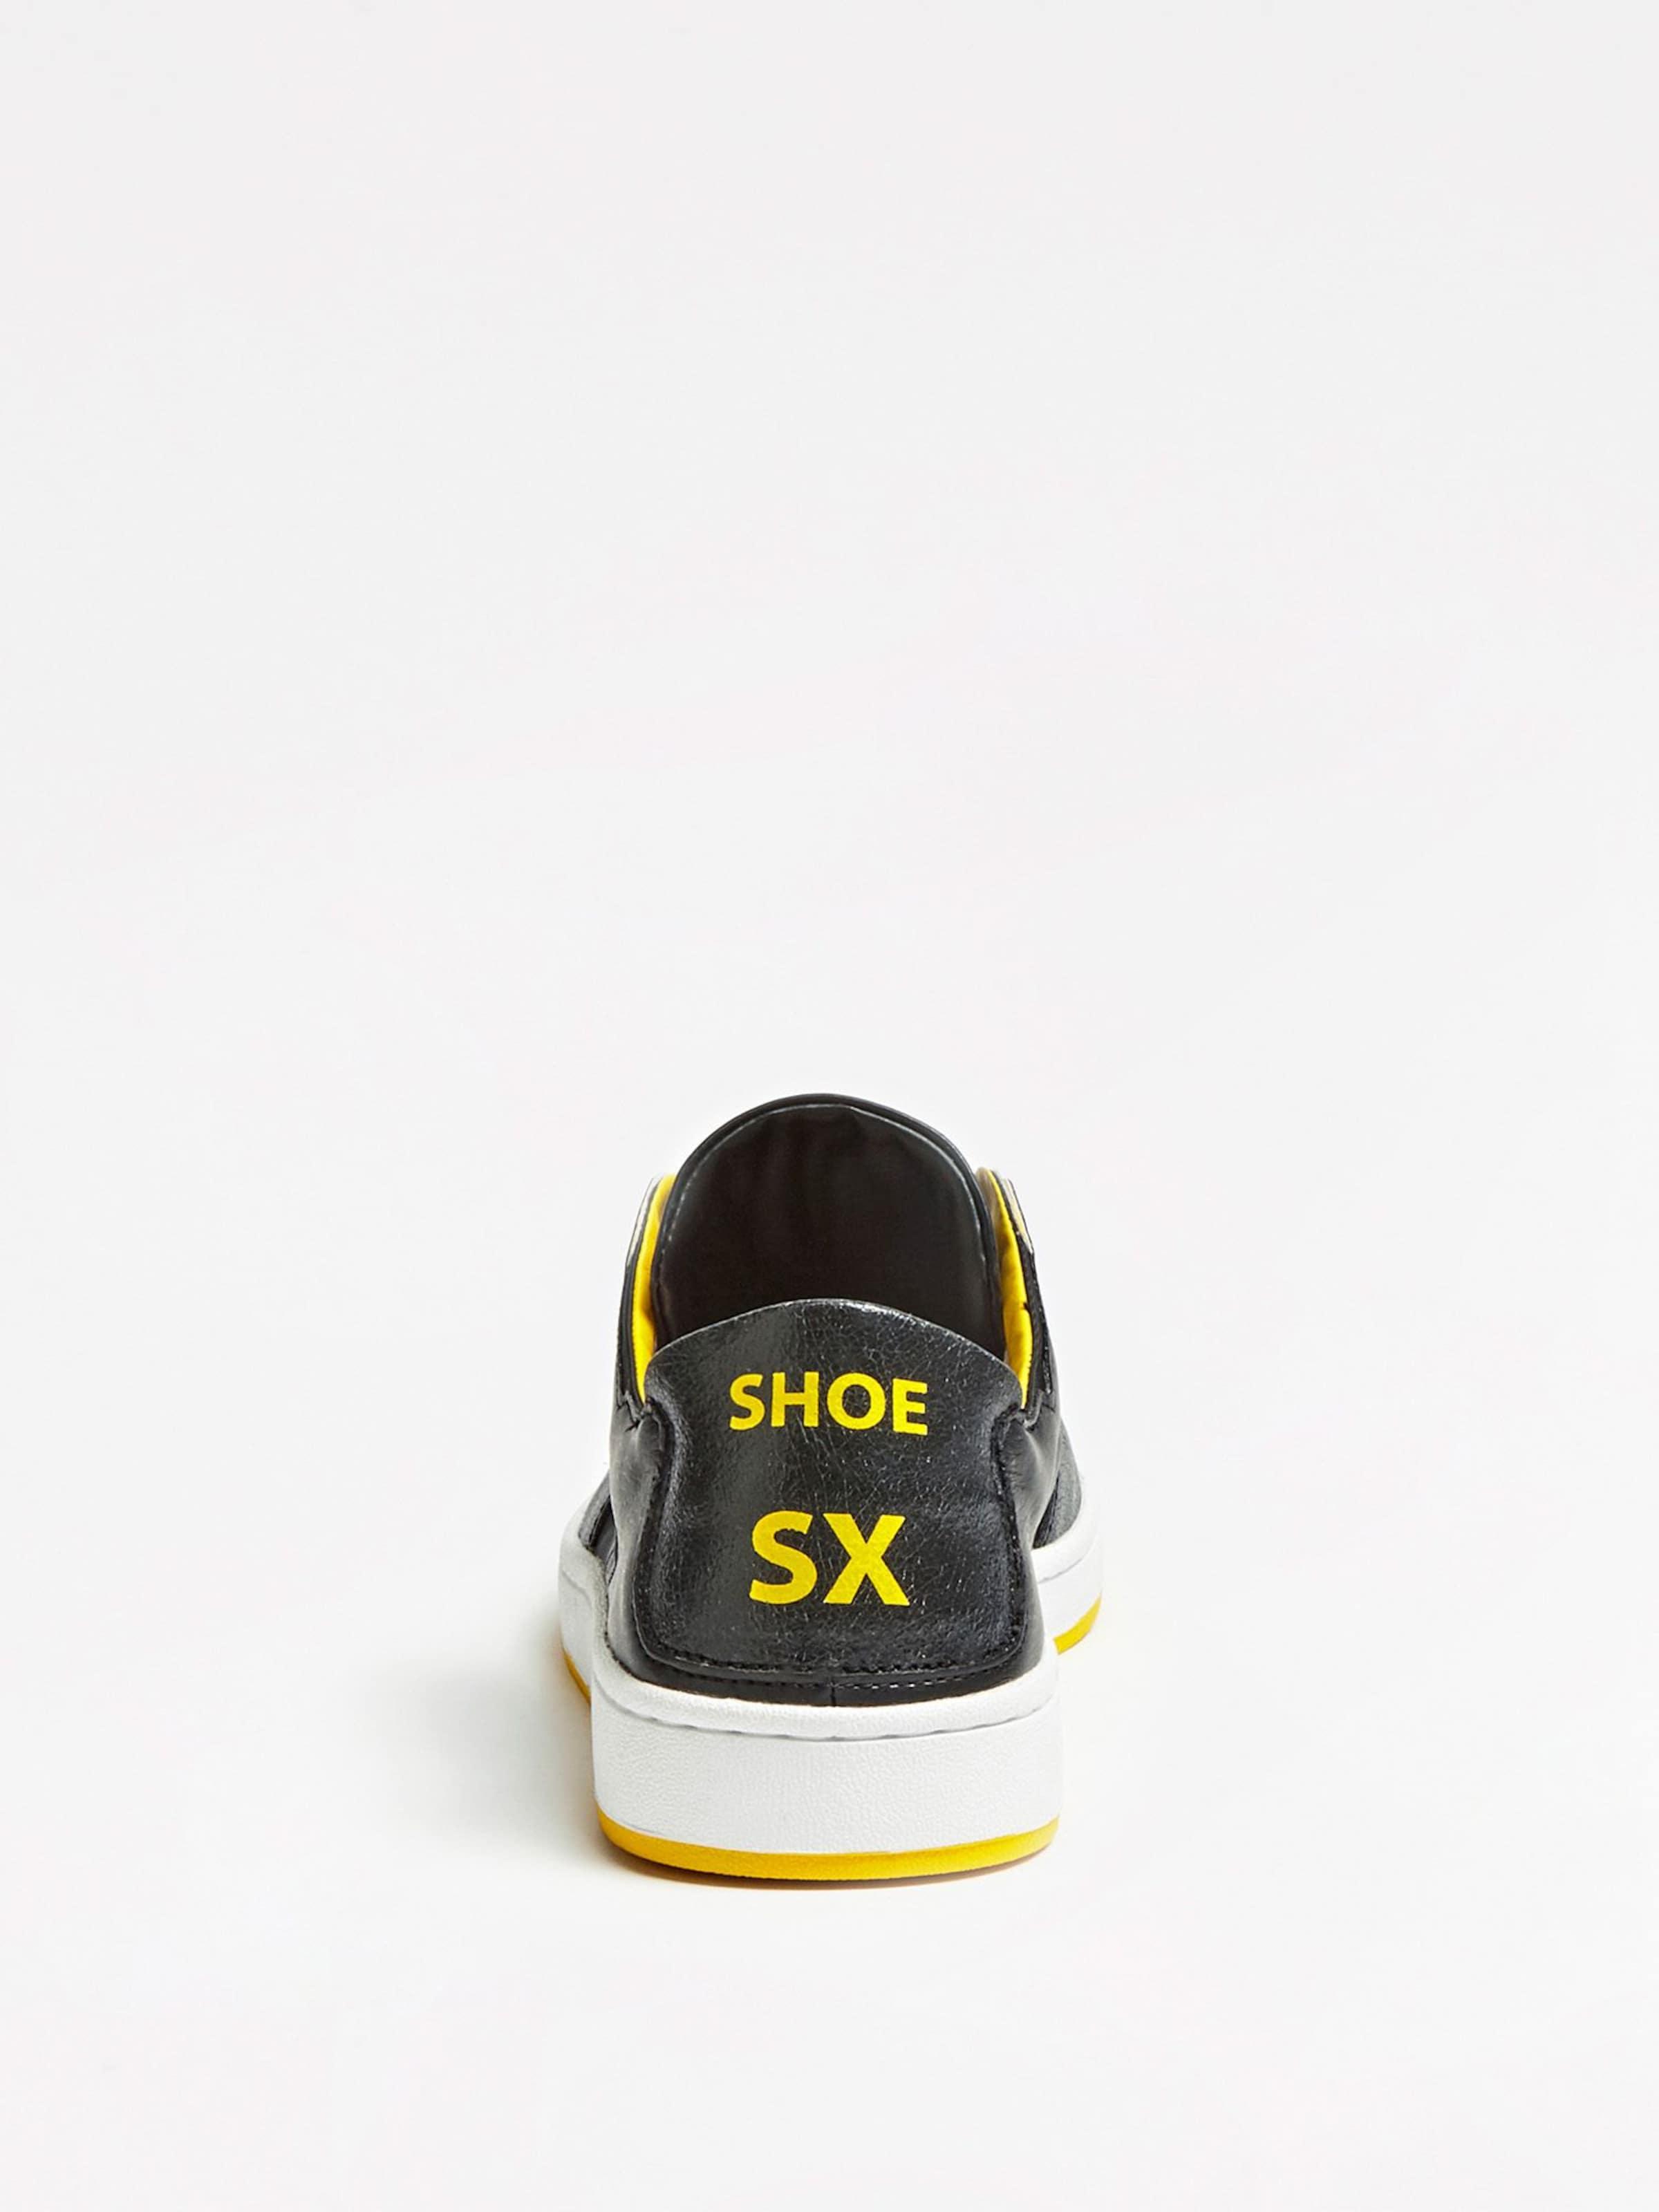 Guess Guess Sneaker In Schwarz Sneaker In Sneaker Guess Schwarz Guess Schwarz In Sneaker wm8vNn0